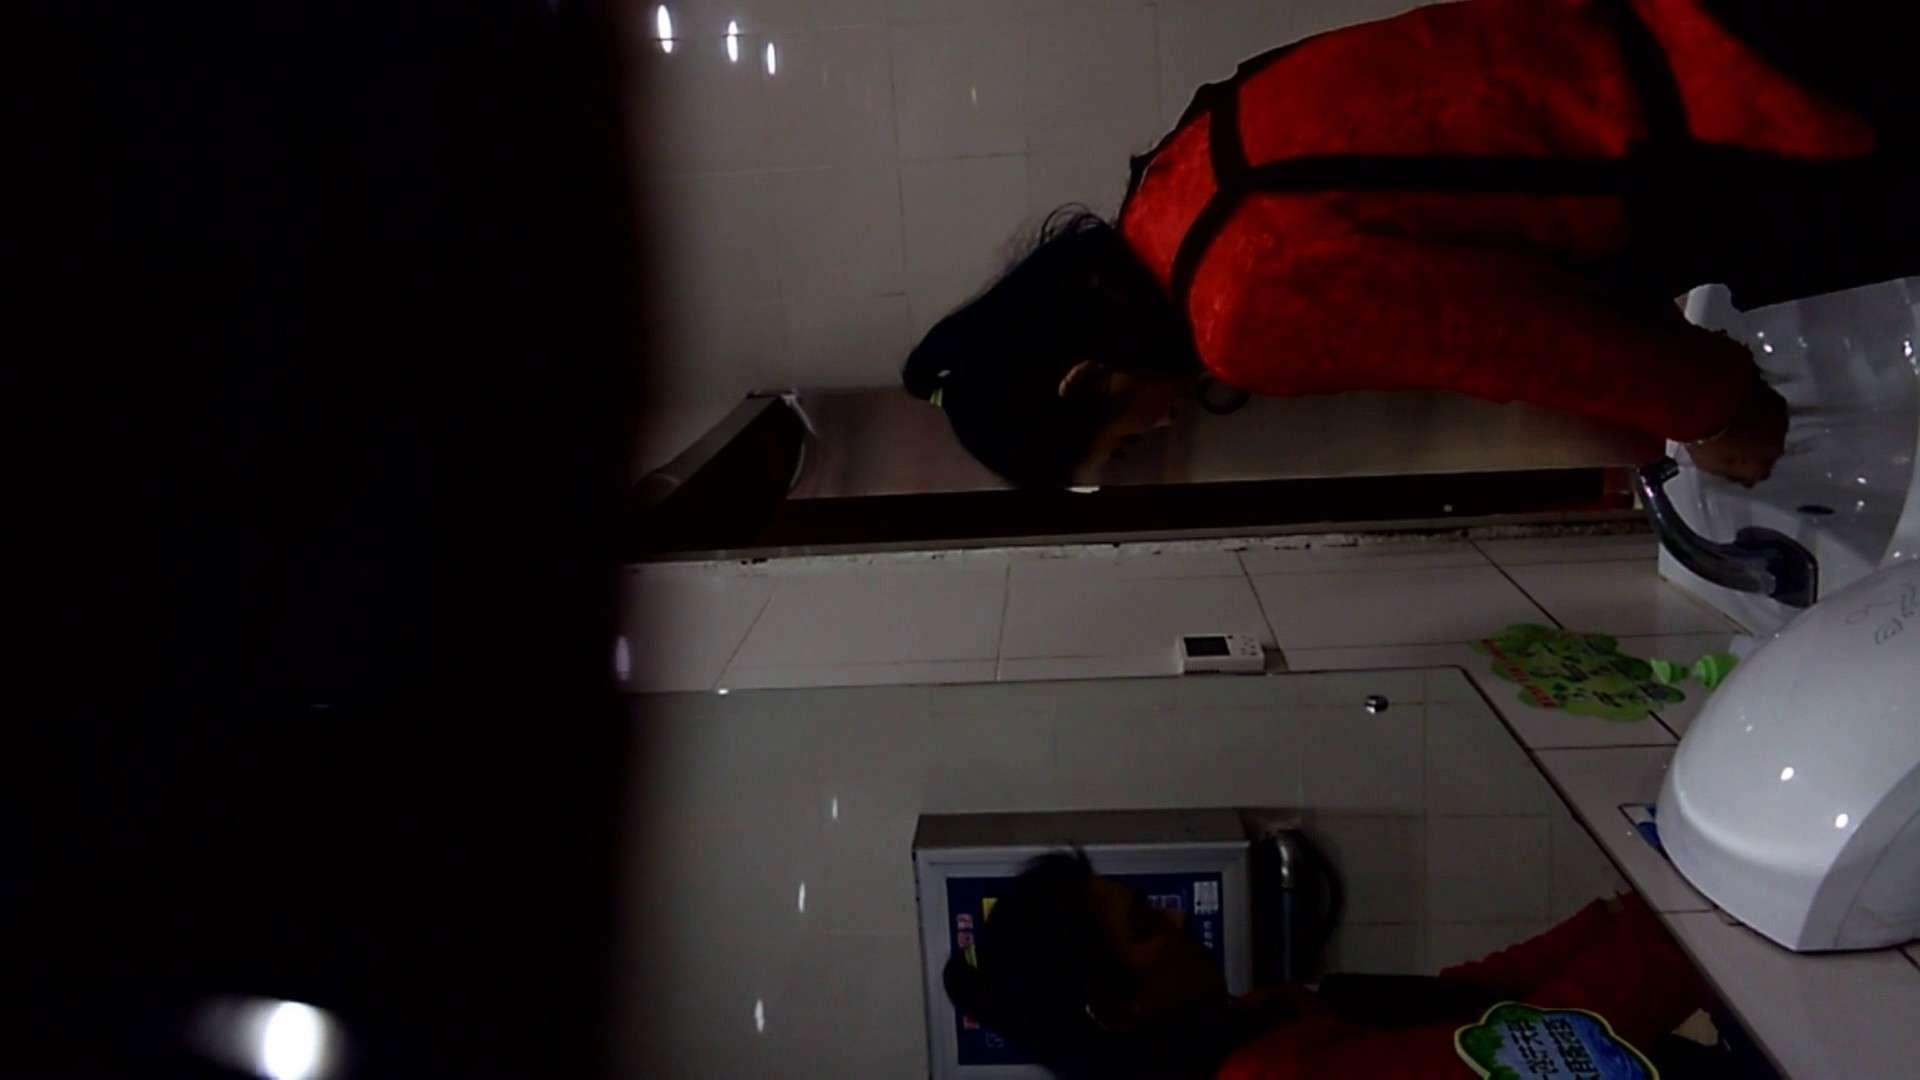 芸術大学ガチ潜入盗撮 JD盗撮 美女の洗面所の秘密 Vol.105 エッチすぎる美女   エッチすぎるOL達  83連発 67